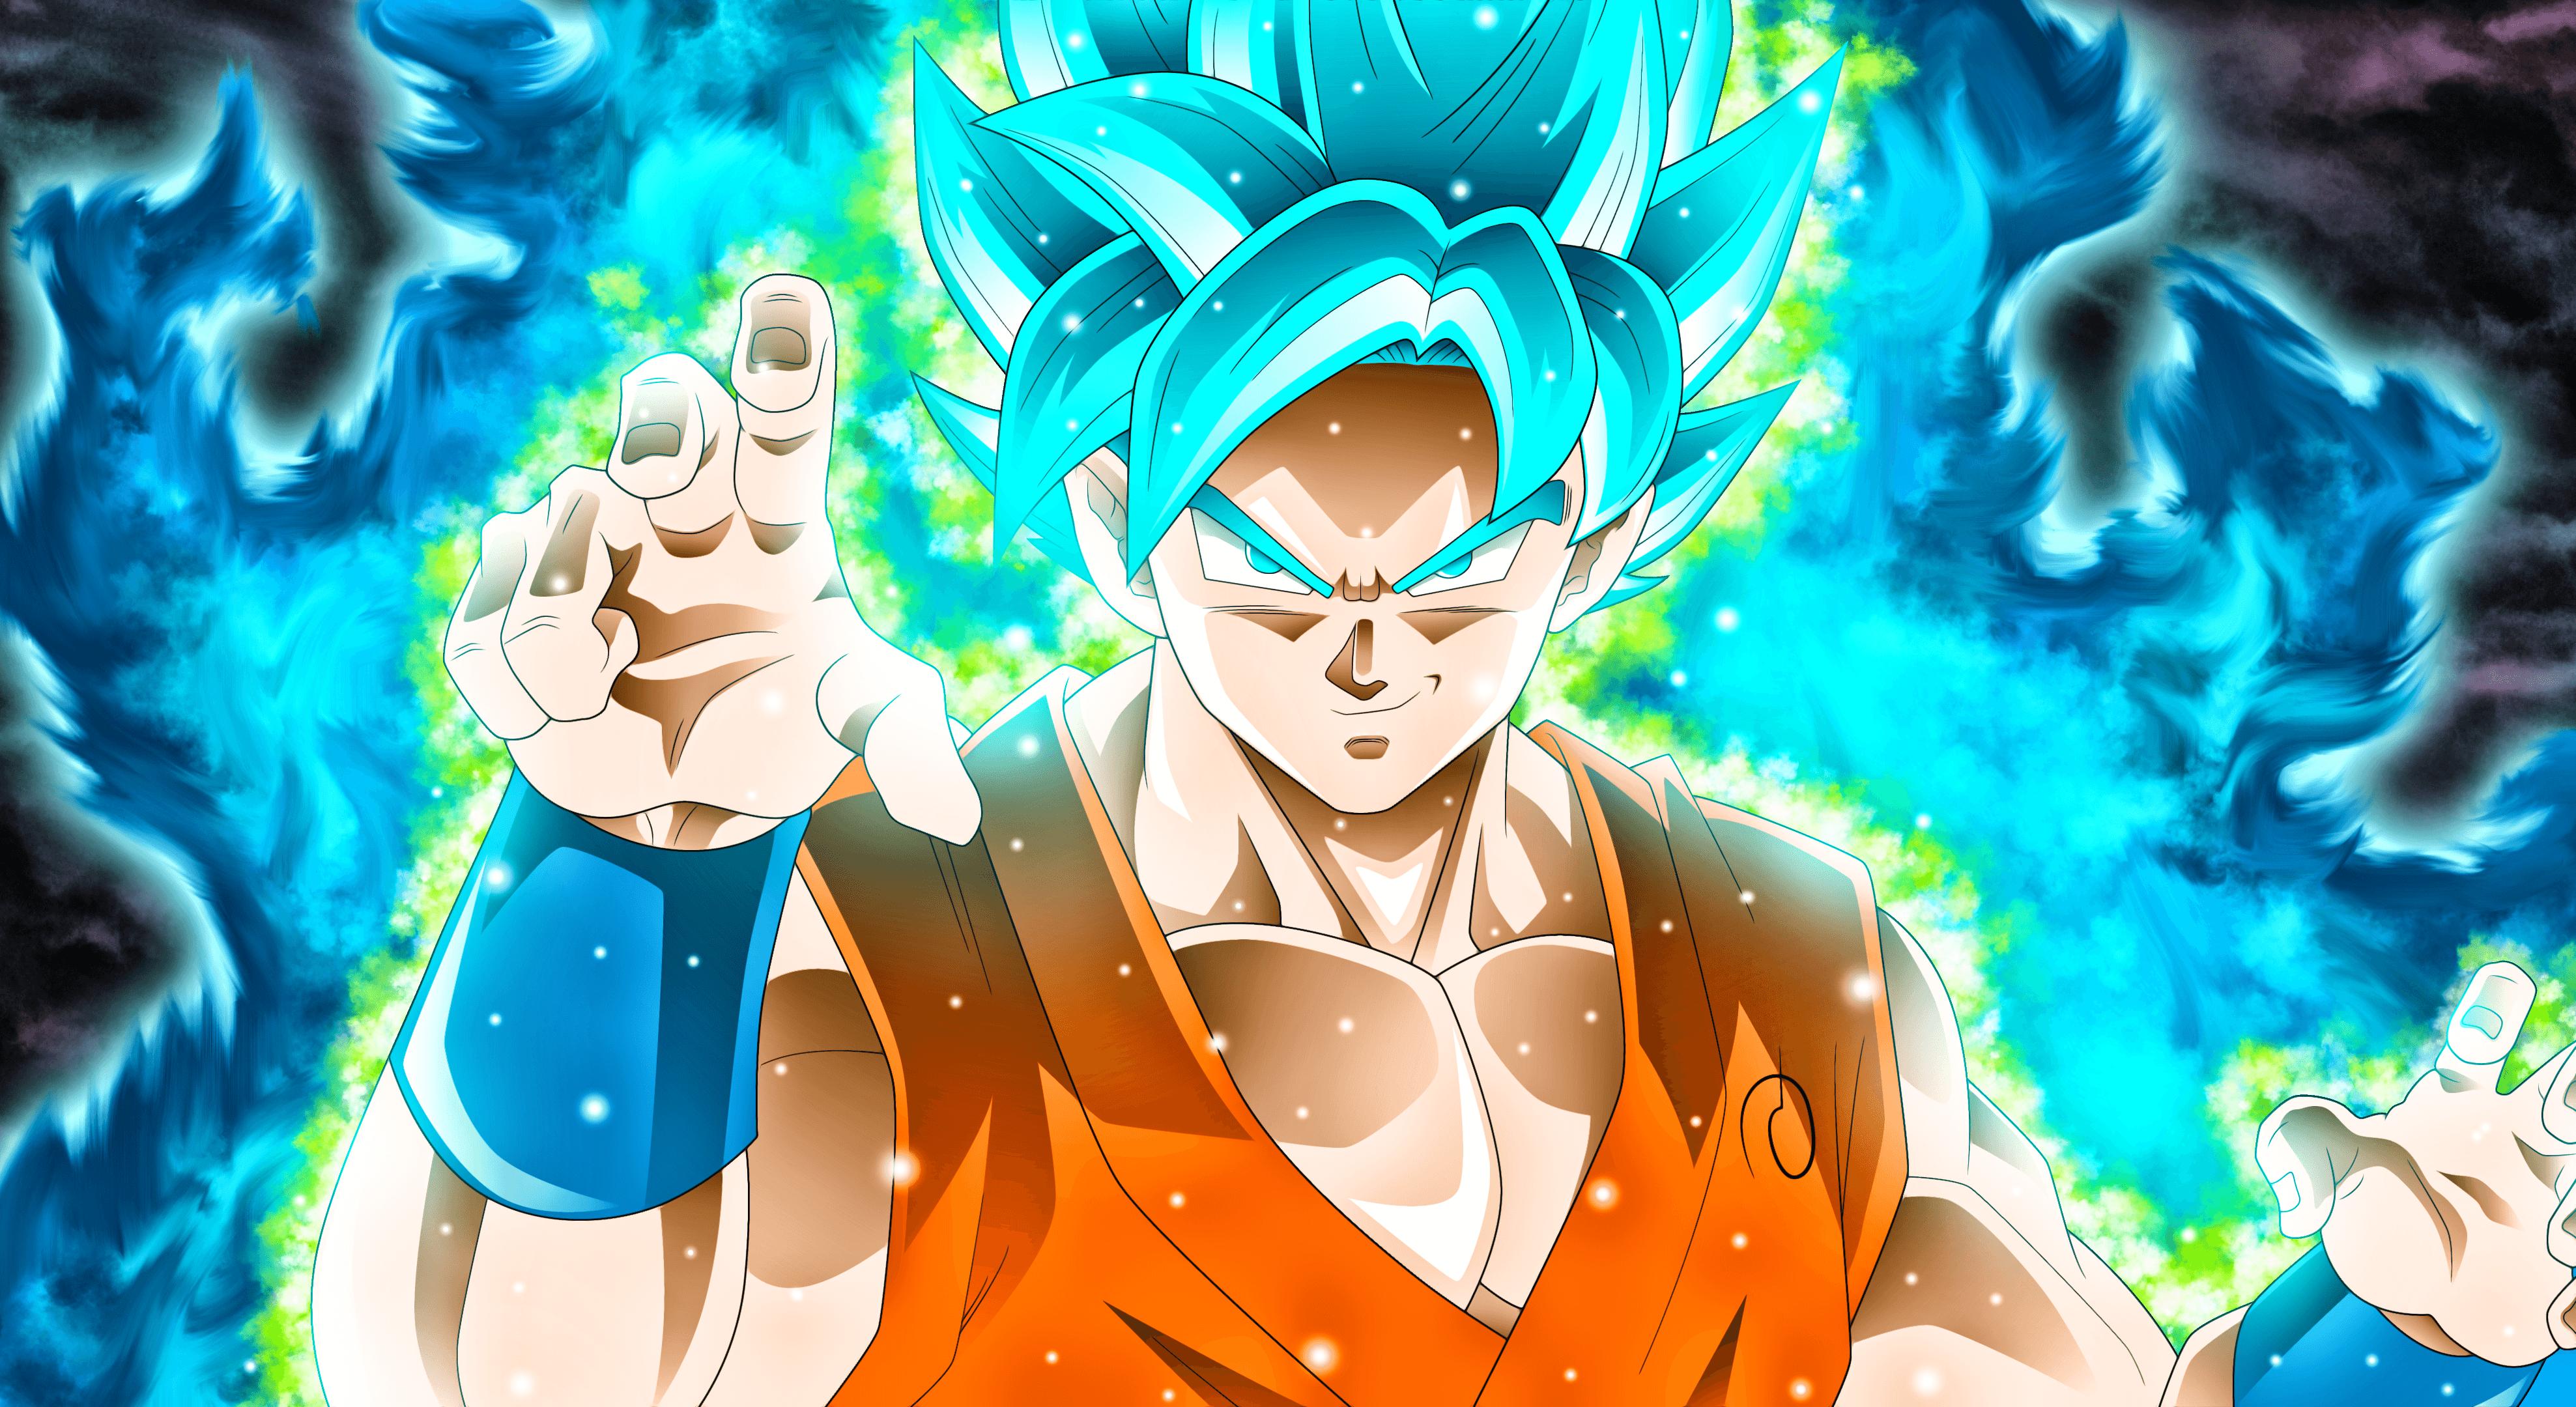 Goku Ssgss Wallpapers Top Free Goku Ssgss Backgrounds Wallpaperaccess